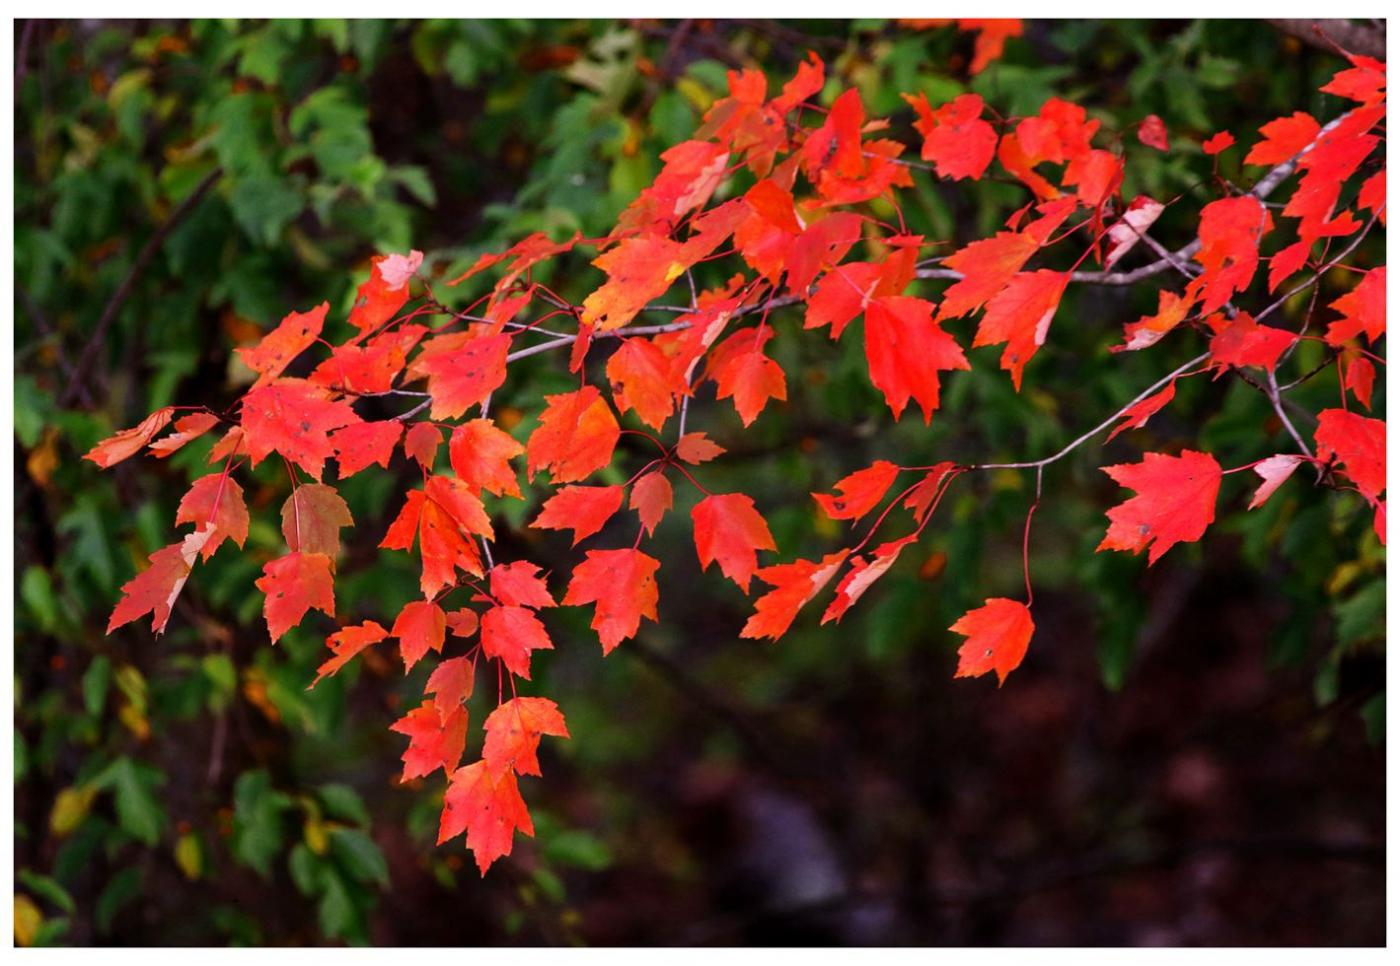 风光] 叶到红时勘比花—实拍美国东部深秋红叶_图1-10